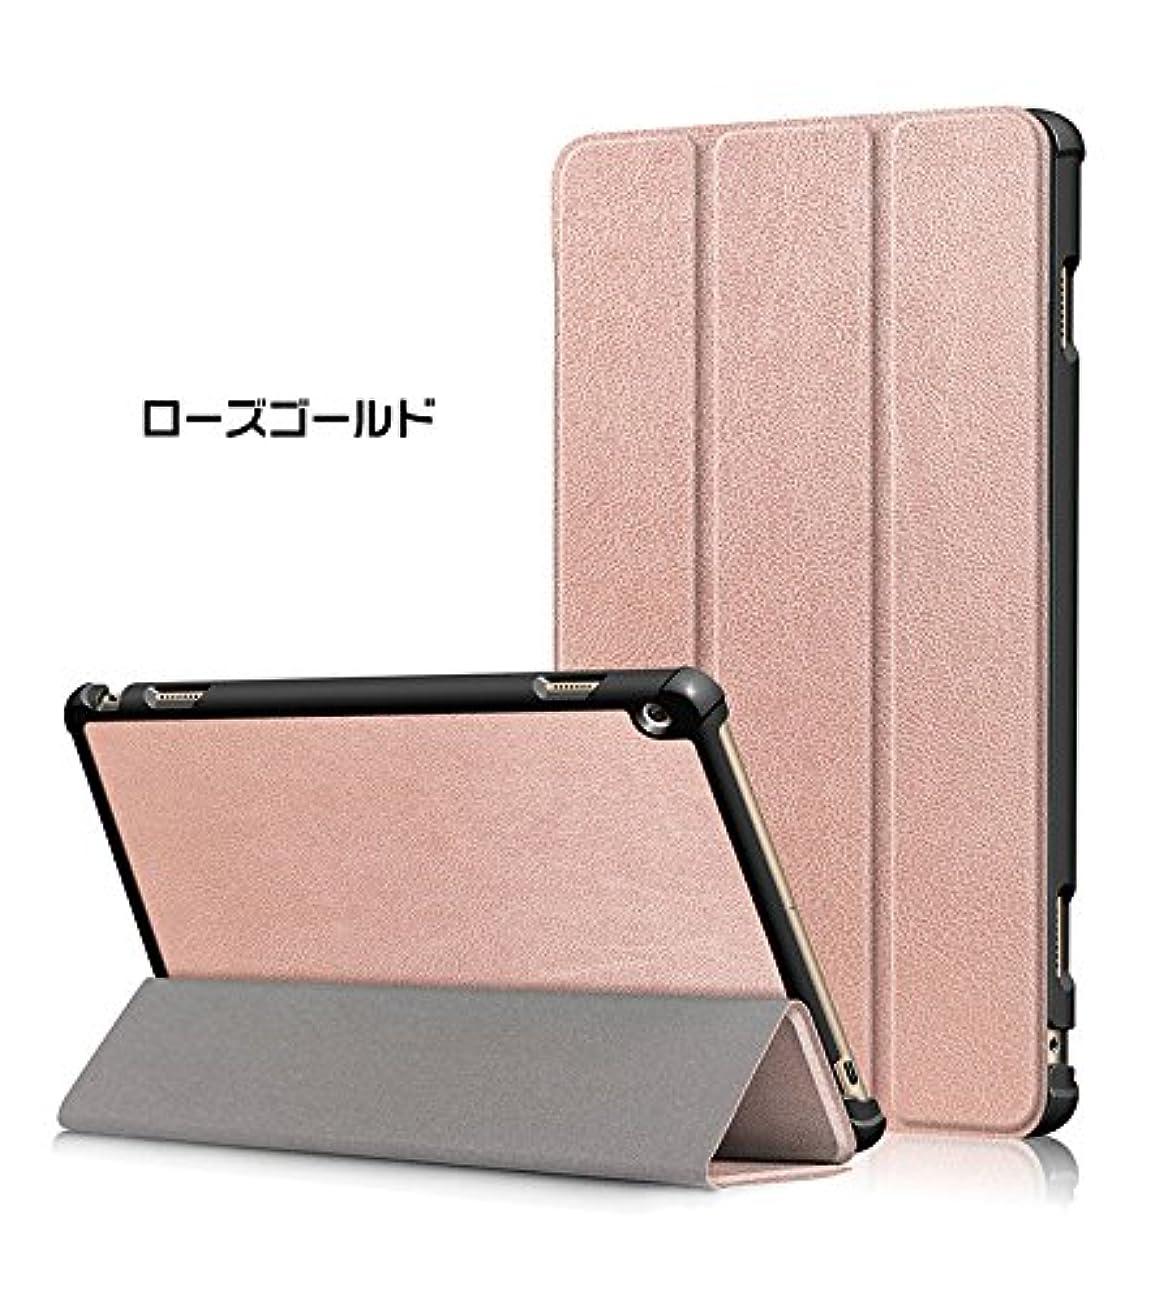 ジャズ記念碑的な説得Huawei dtab D-01K ケース 手帳 レザー スタンド機能 dタブ シンプルでおしゃれ スリム 手帳型 レザーケース おすすめ おしゃれ docomo ドコモ アンドロイド タブレットdtab D-01K ケース-1 (ローズゴールド)